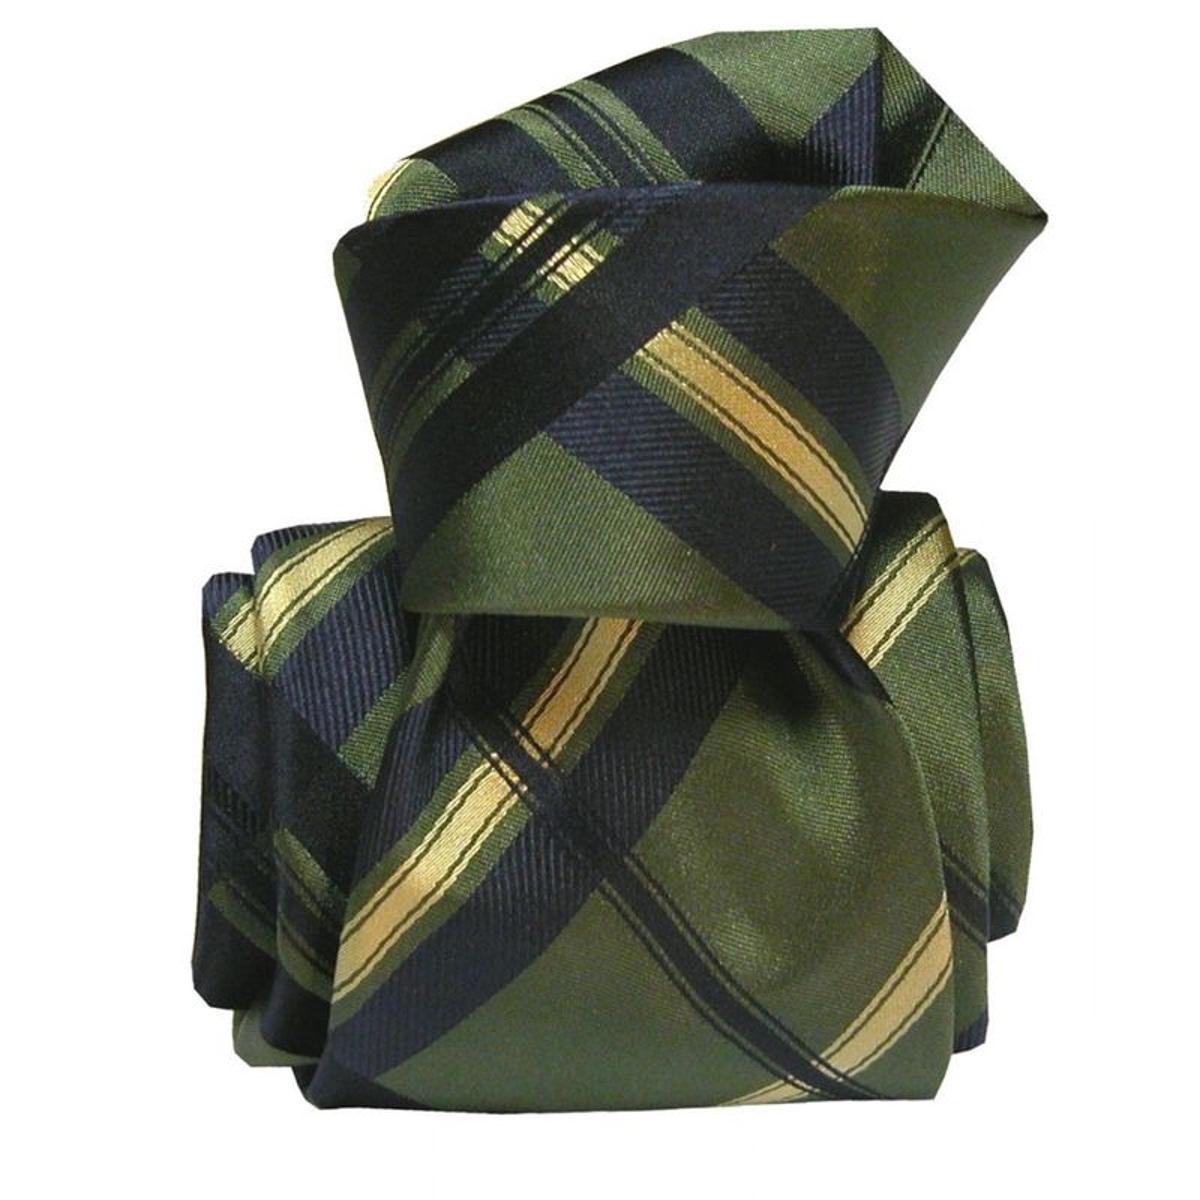 Cravate luxe soie rimini